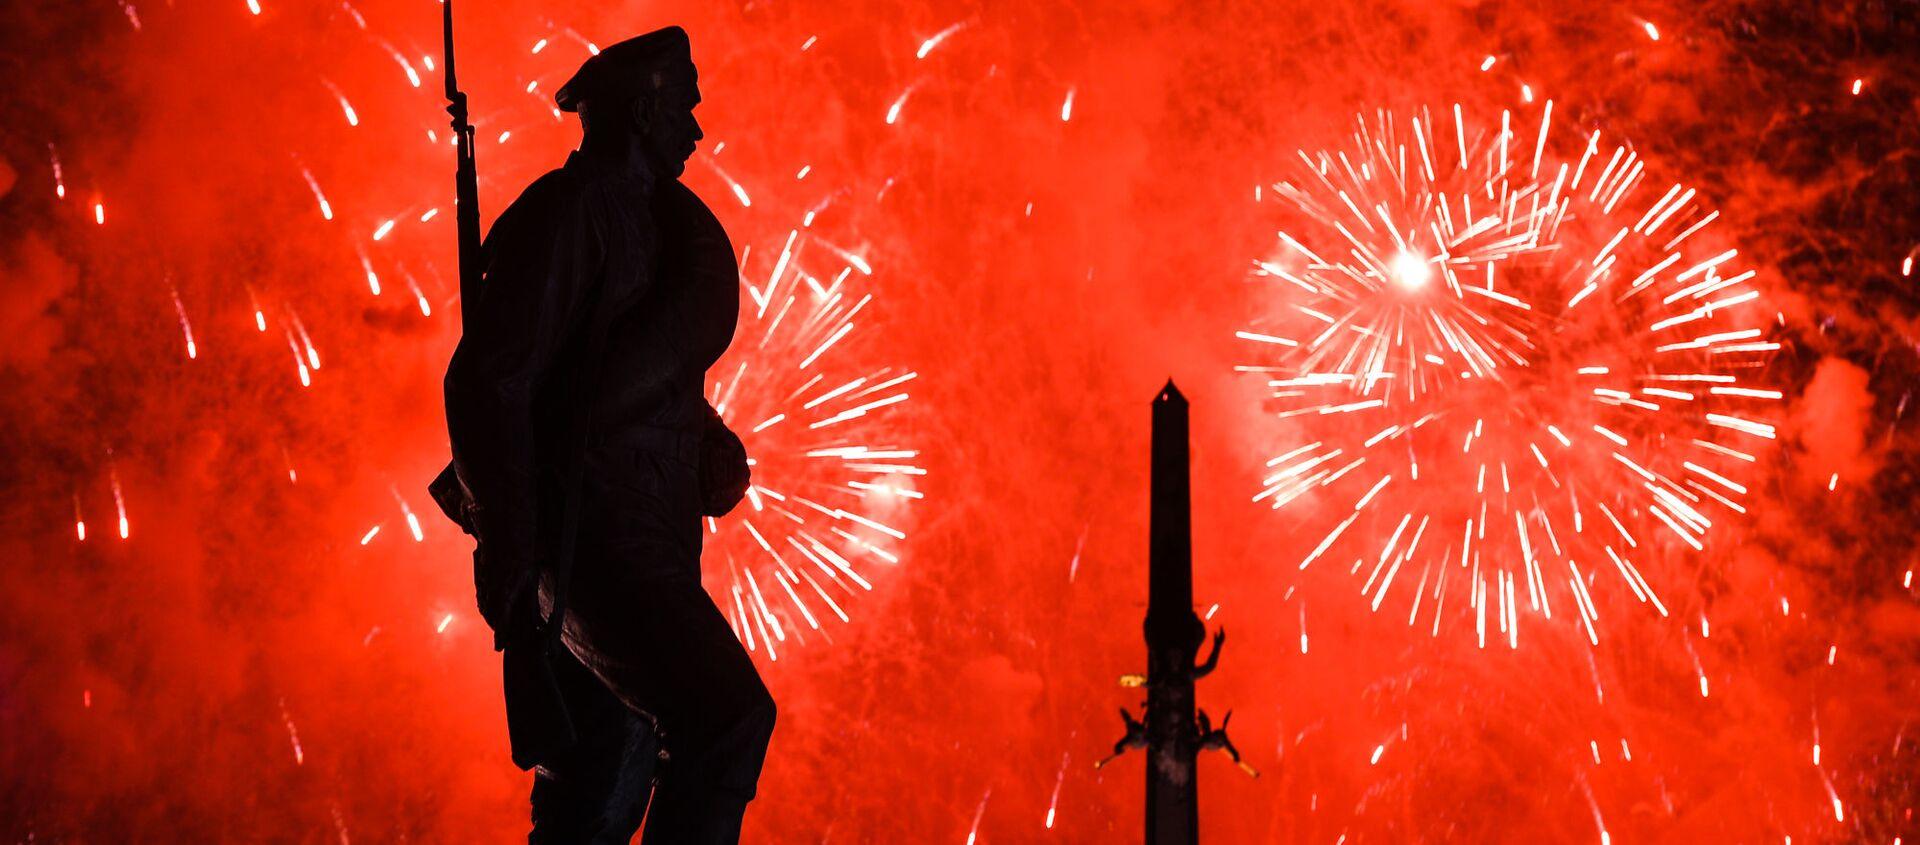 Màn pháo hoa kỷ niệm Ngày Chiến thắng 9/5 trên đồi Poklonnaya ở Matxcơva - Sputnik Việt Nam, 1920, 03.05.2020